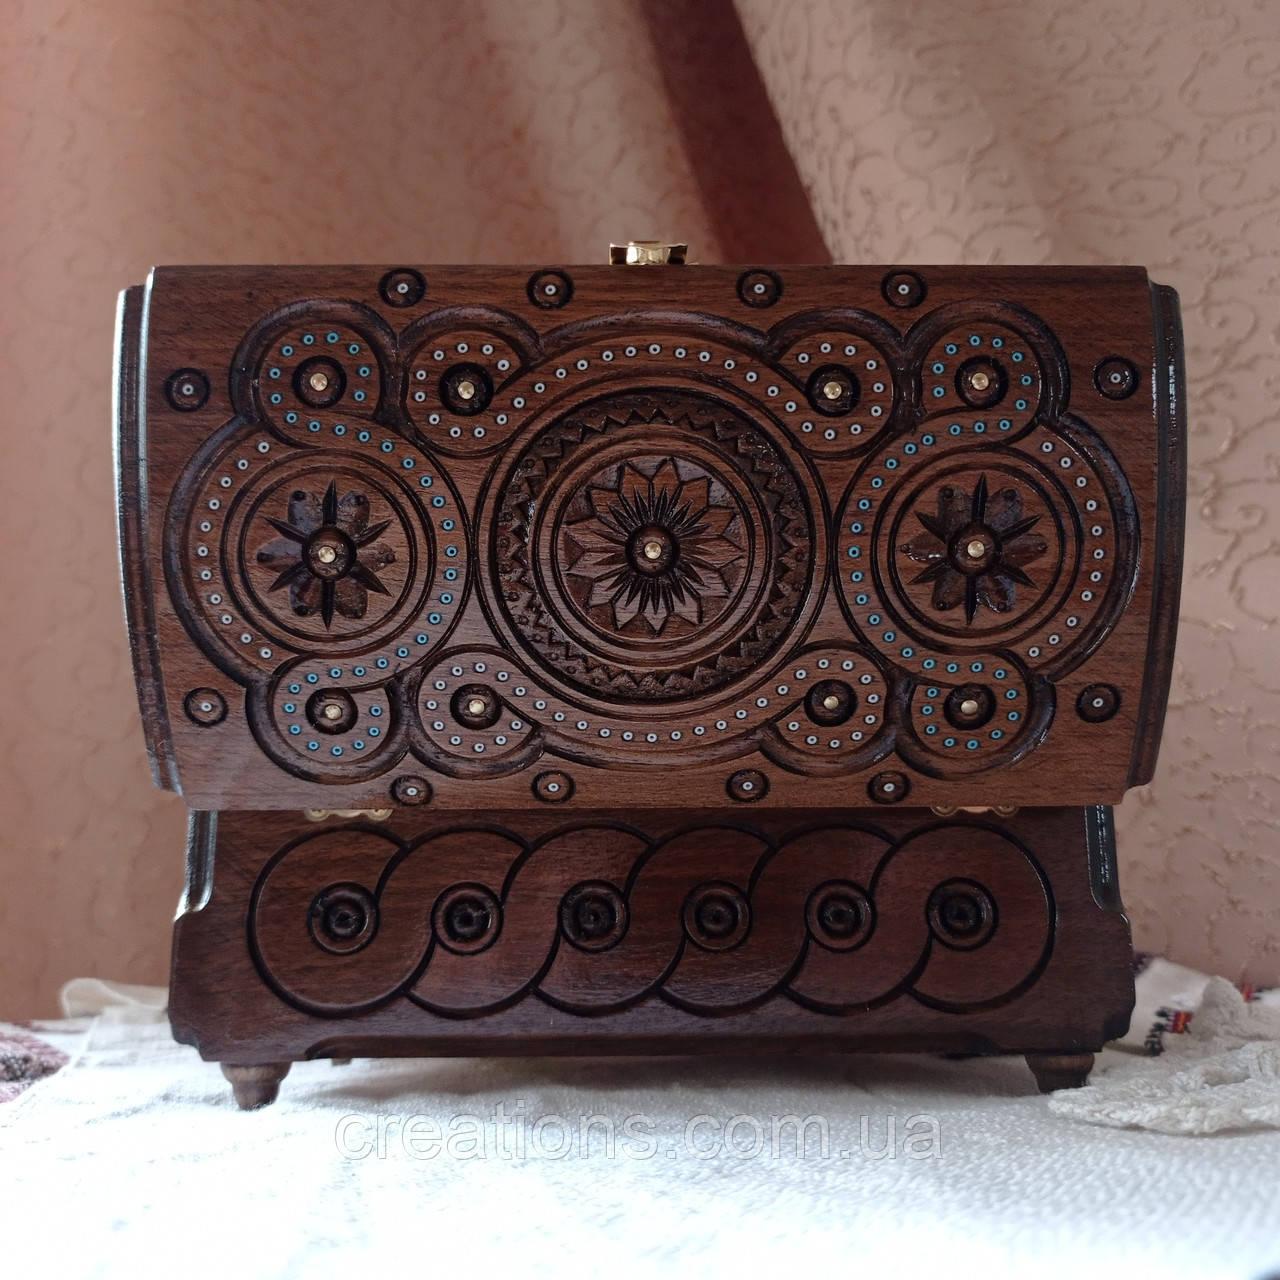 Шкатулка деревянная резная 21*11 для украшений, ручная работа